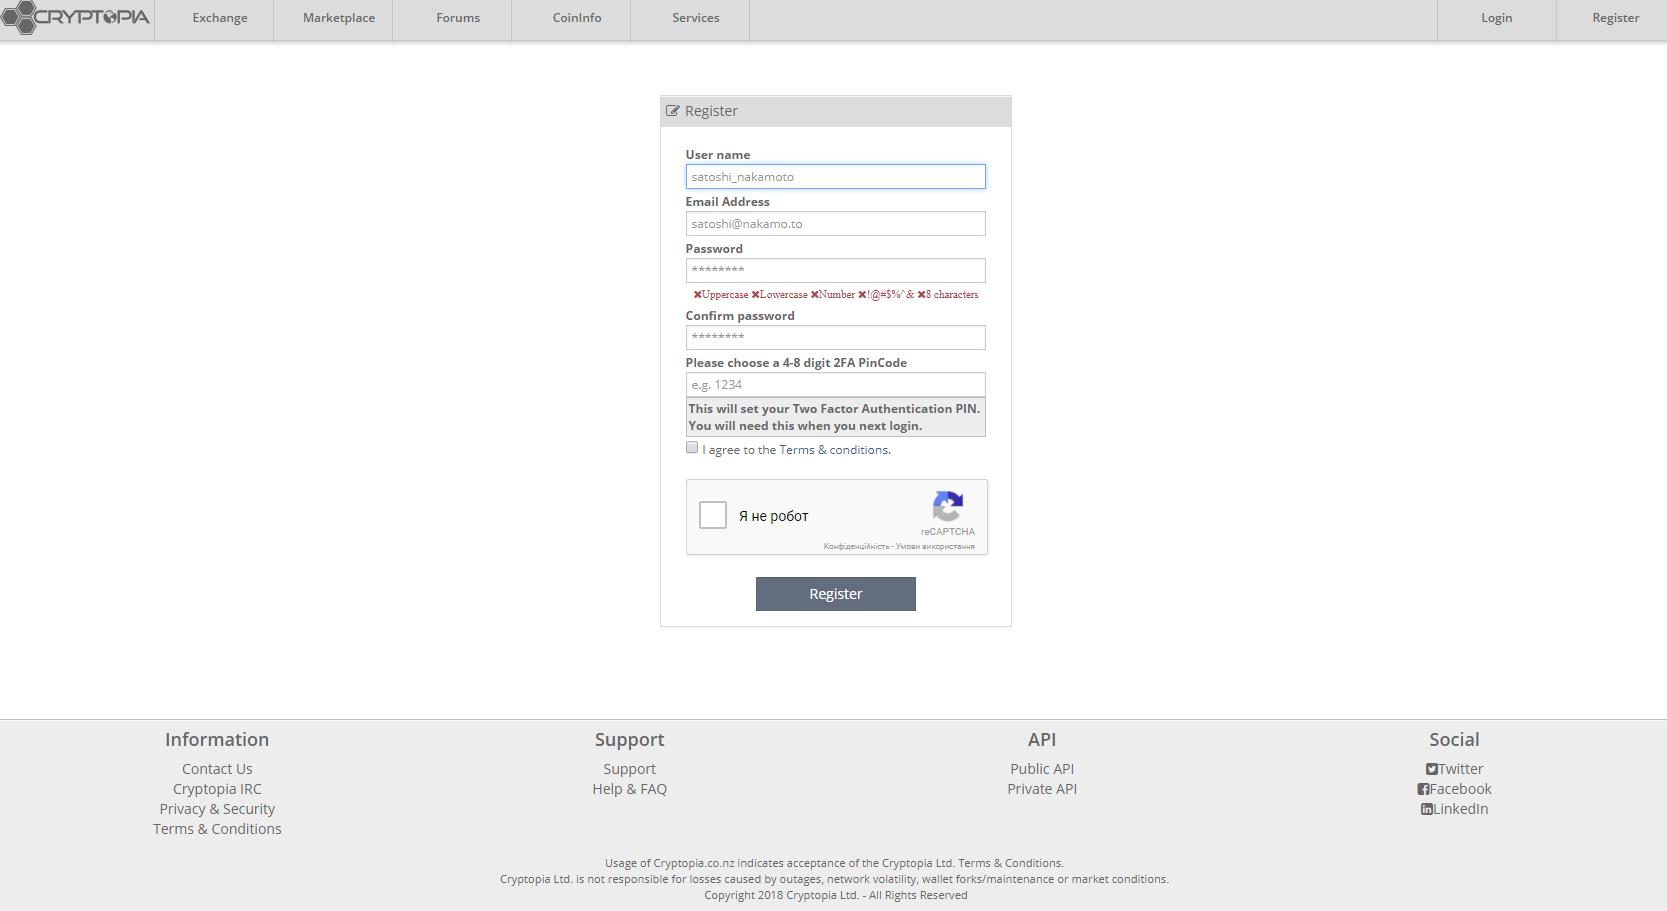 биржа cryptopia регистрация